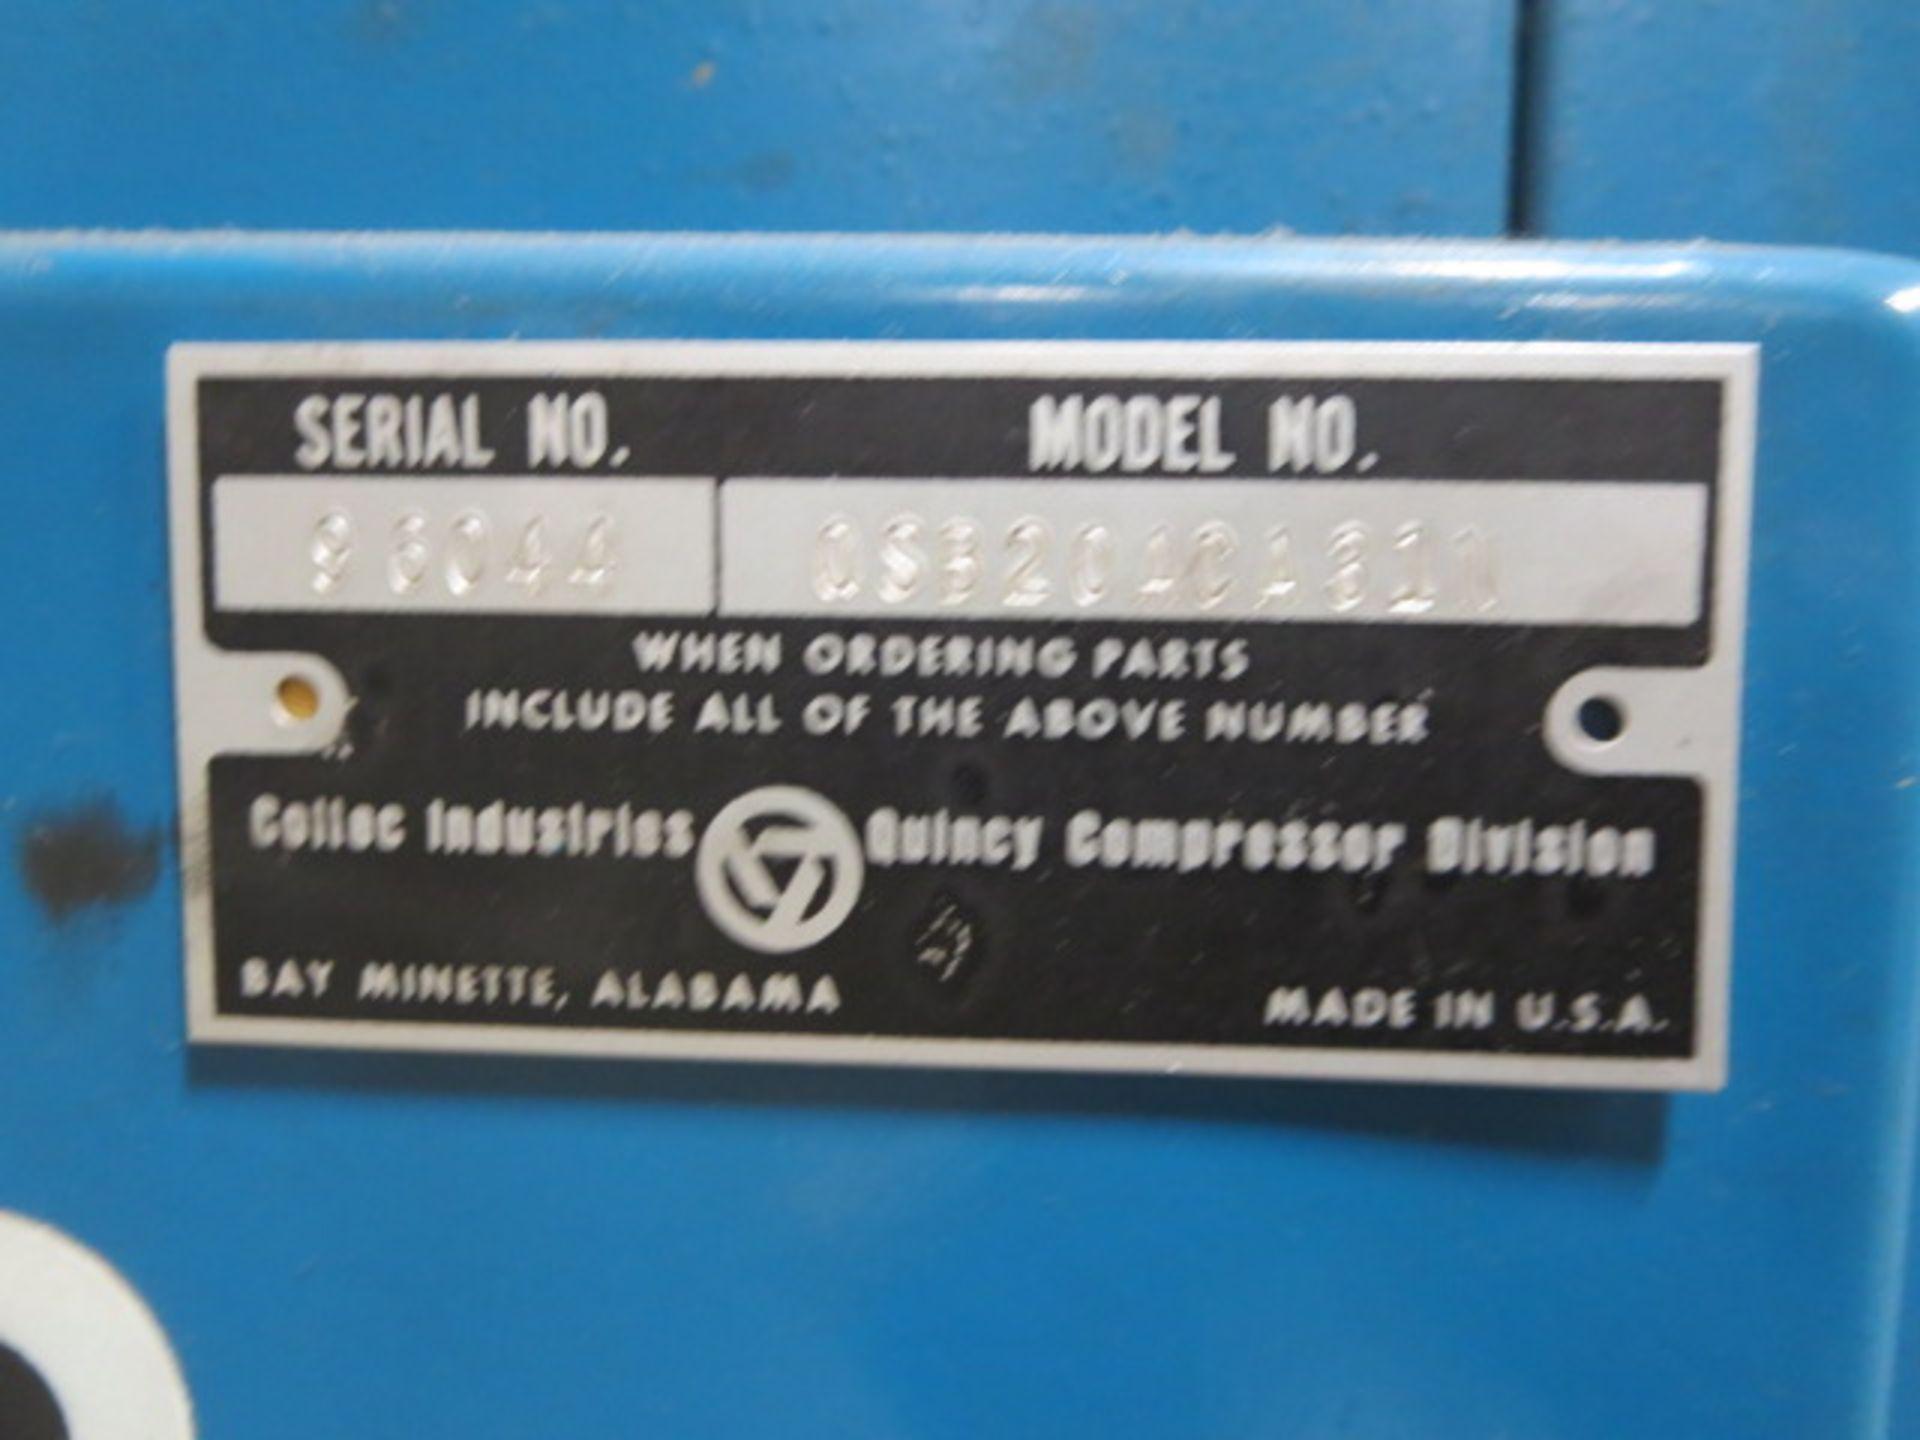 Lot 642 - Quincy Industrial Air Compressor, model QSB20ACA31N, sn 96044, 57304Hrs